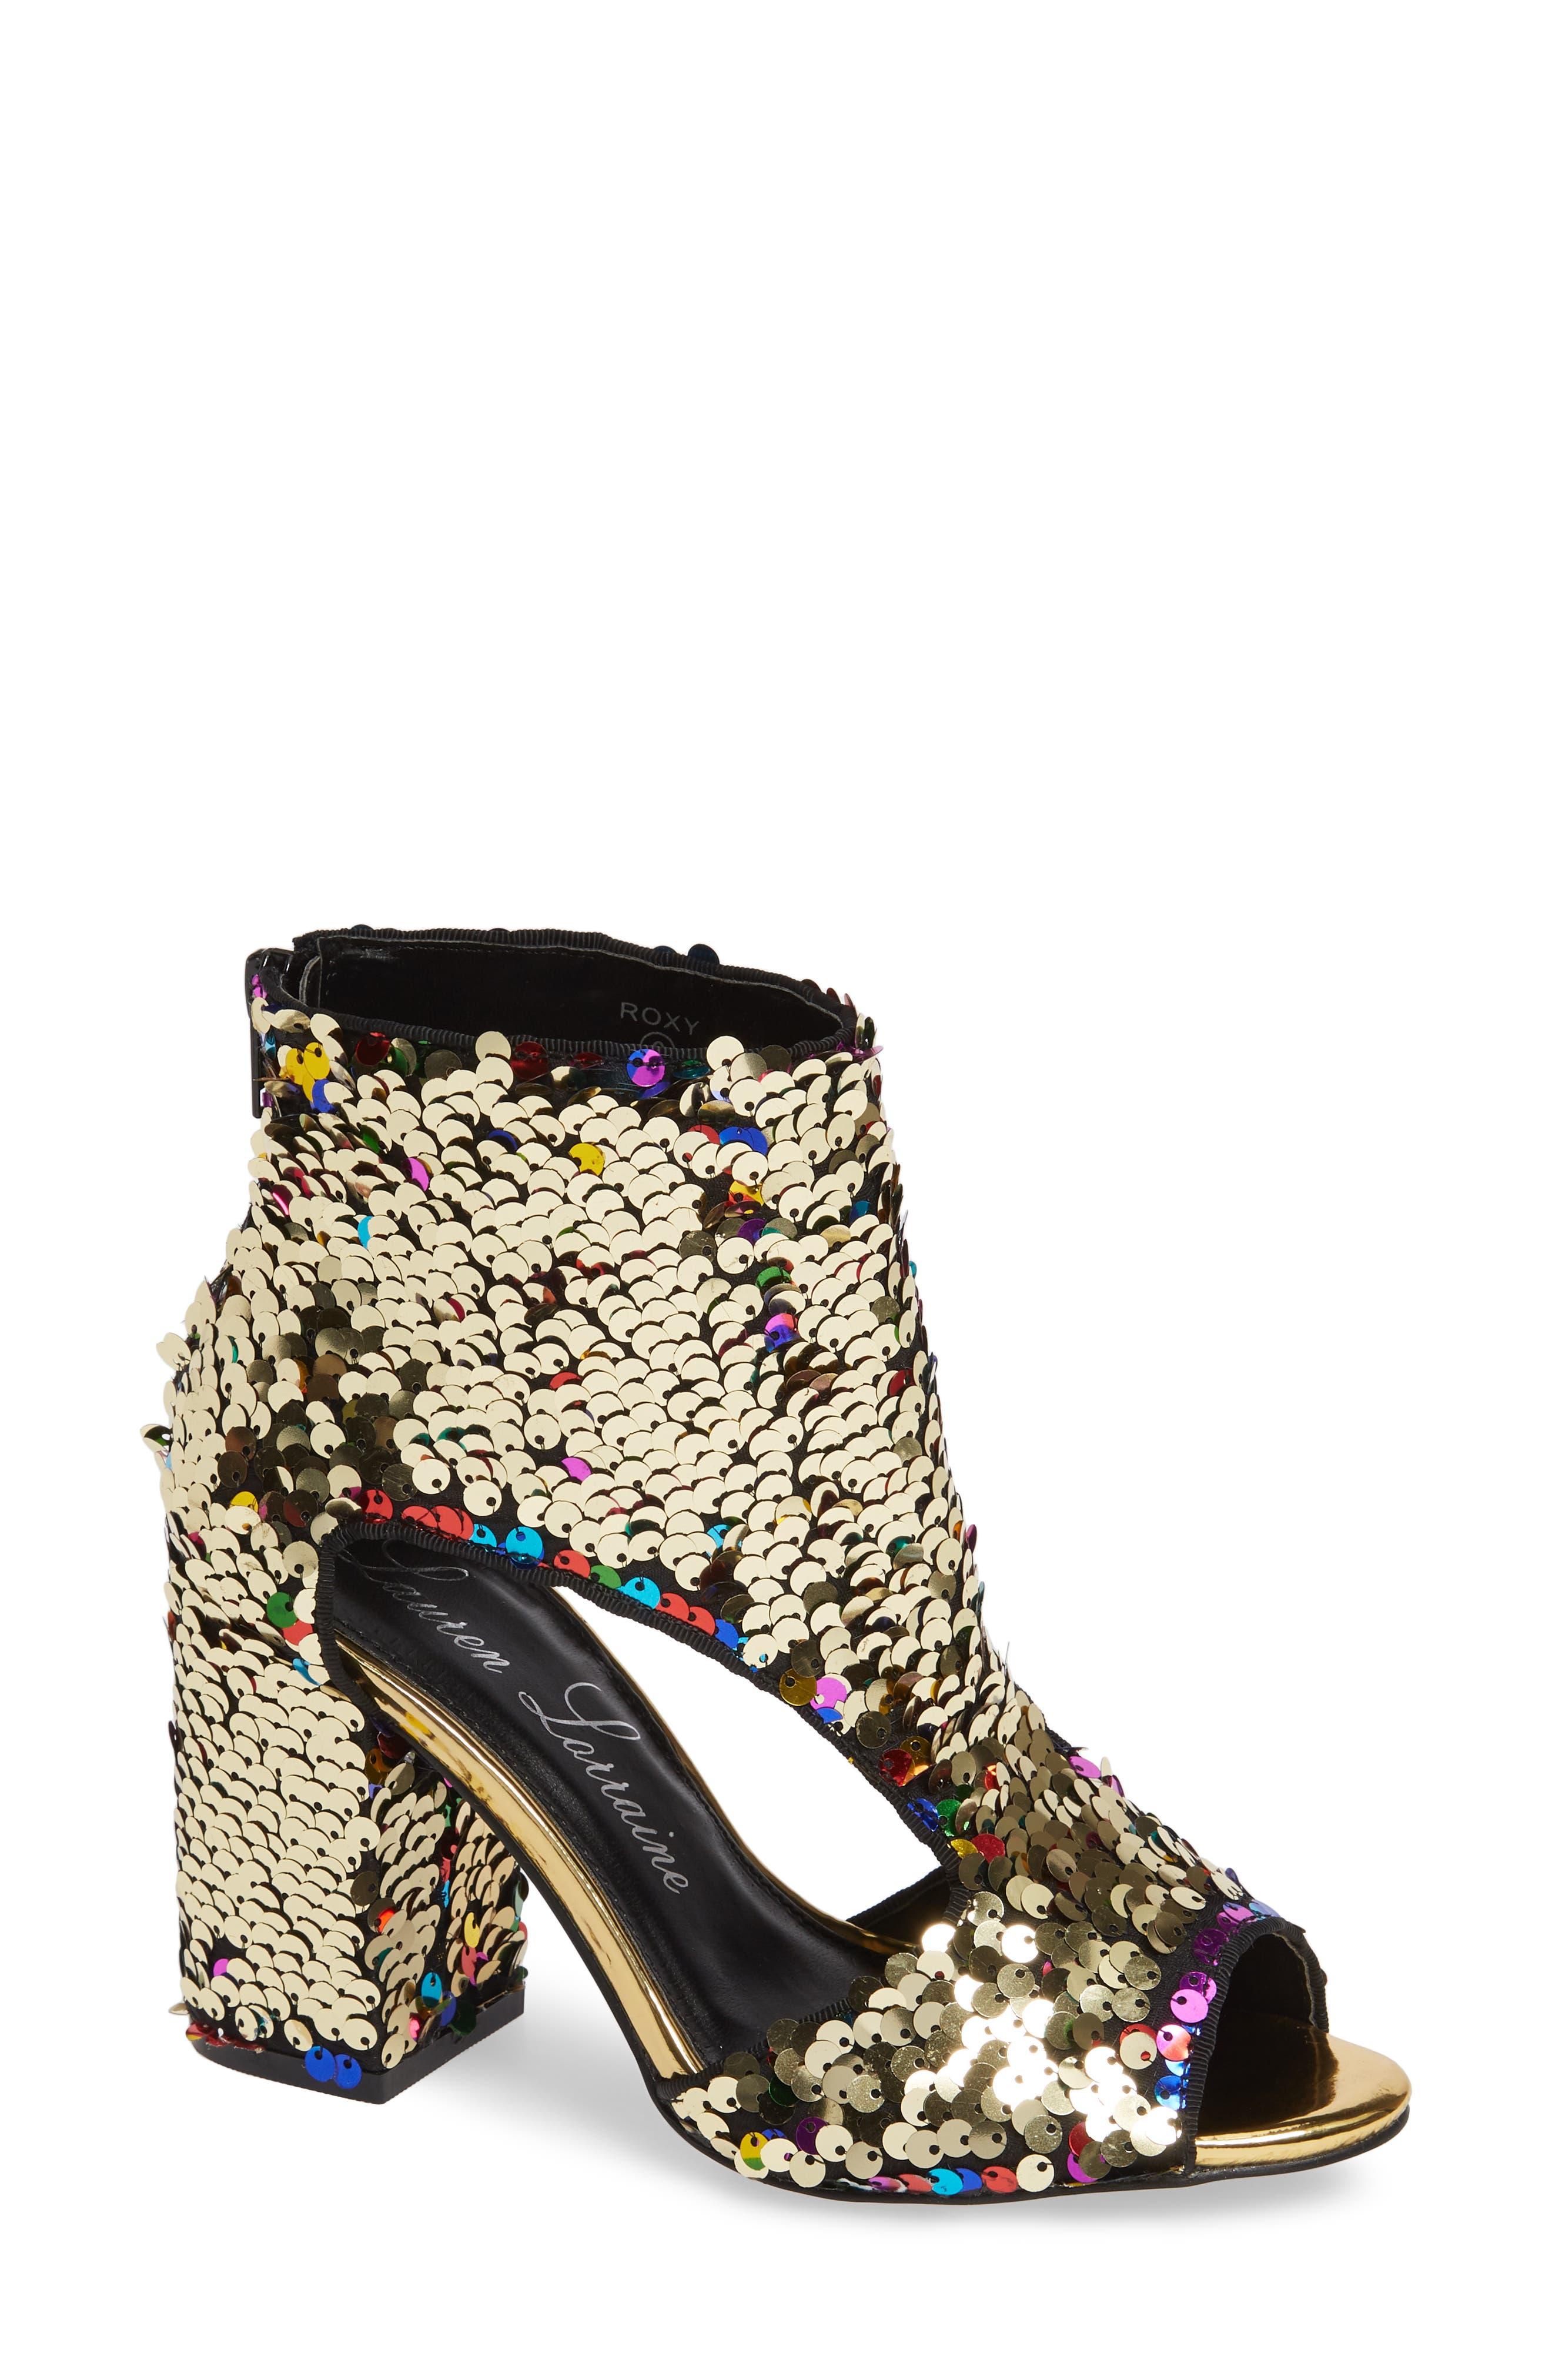 LAUREN LORRAINE, Roxy Sequin Sandal, Alternate thumbnail 2, color, 710